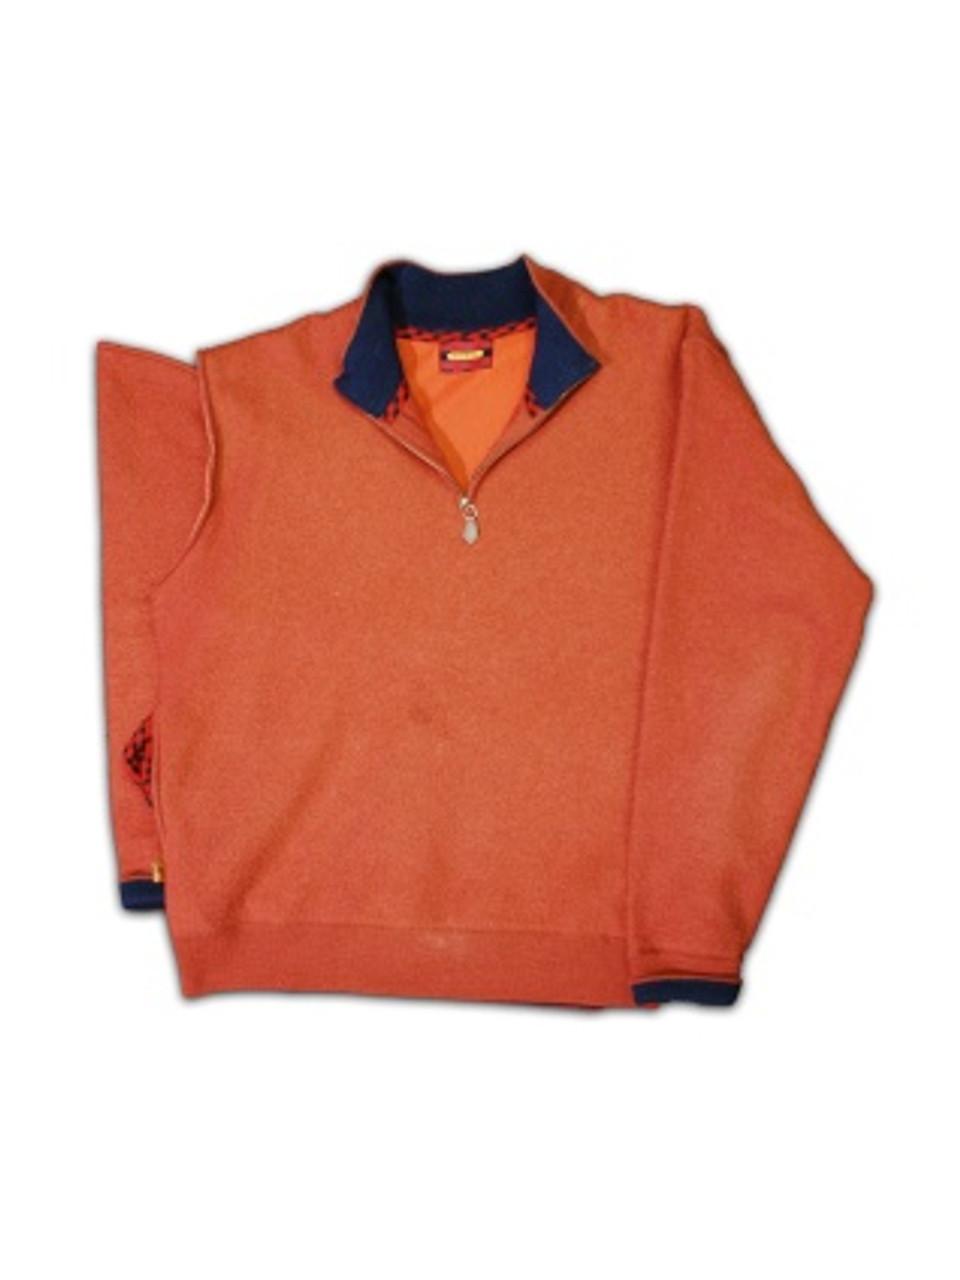 AvieMoor Sweater- Rust - 30% OFF